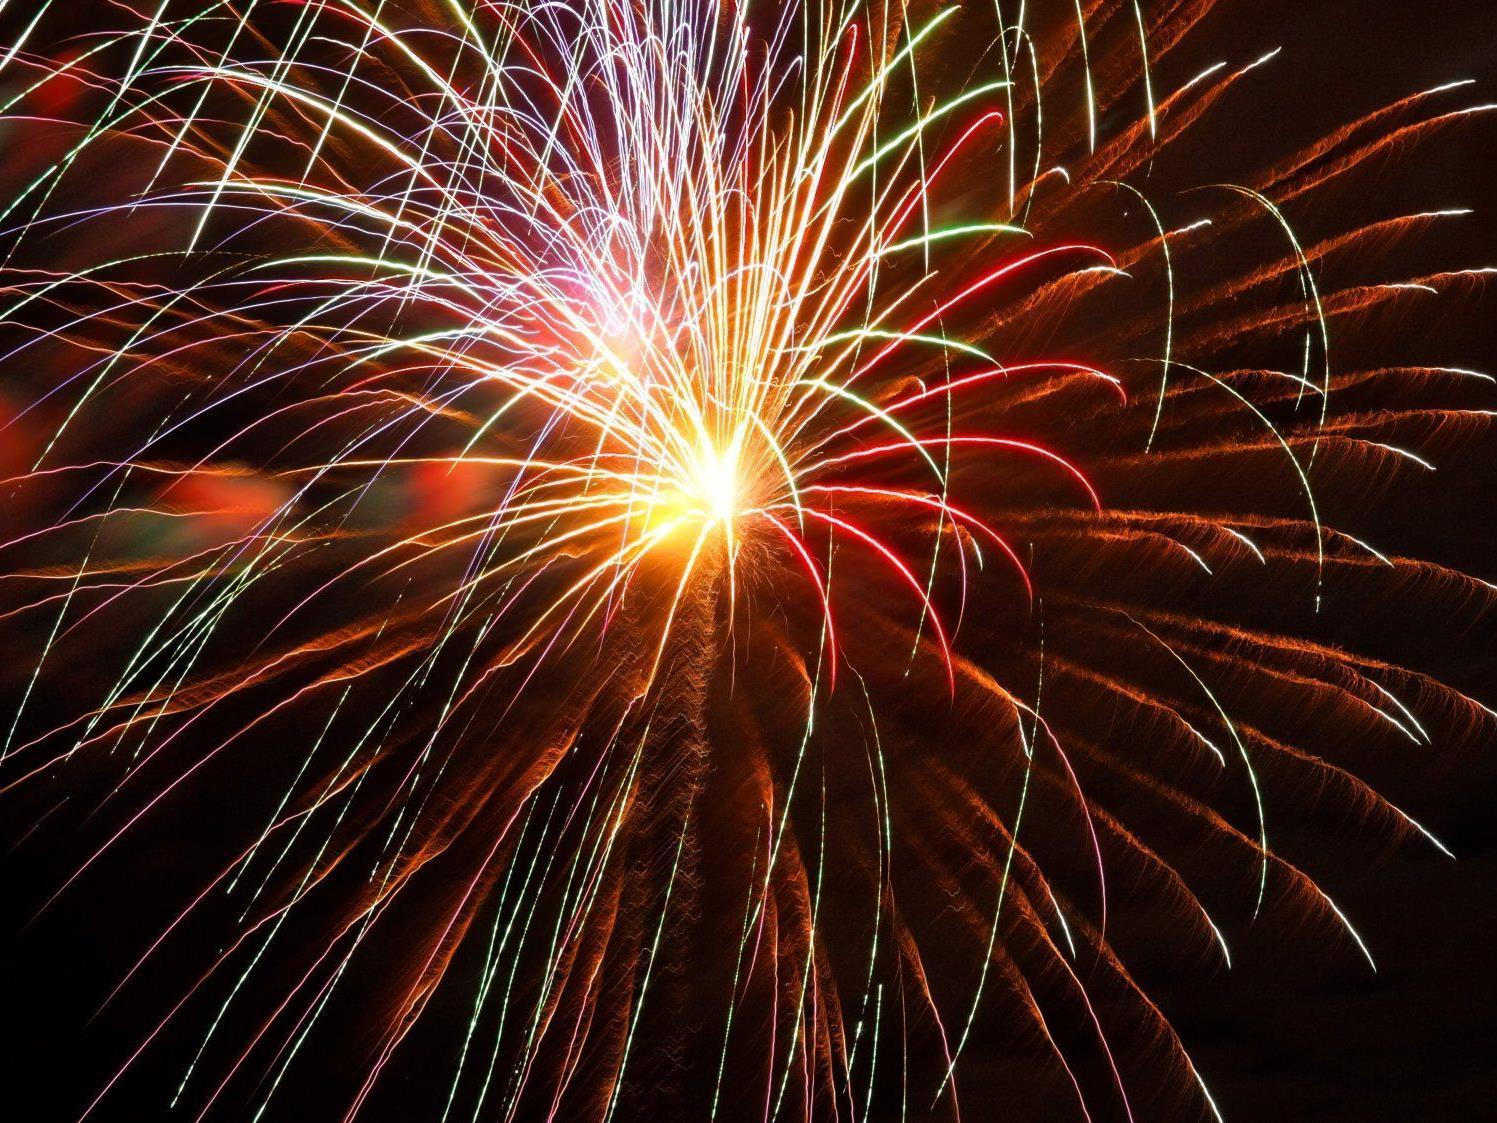 Ab 2013 muss man beim Silvester-Feuerwerk auf Schweizer Kracher verzichten.